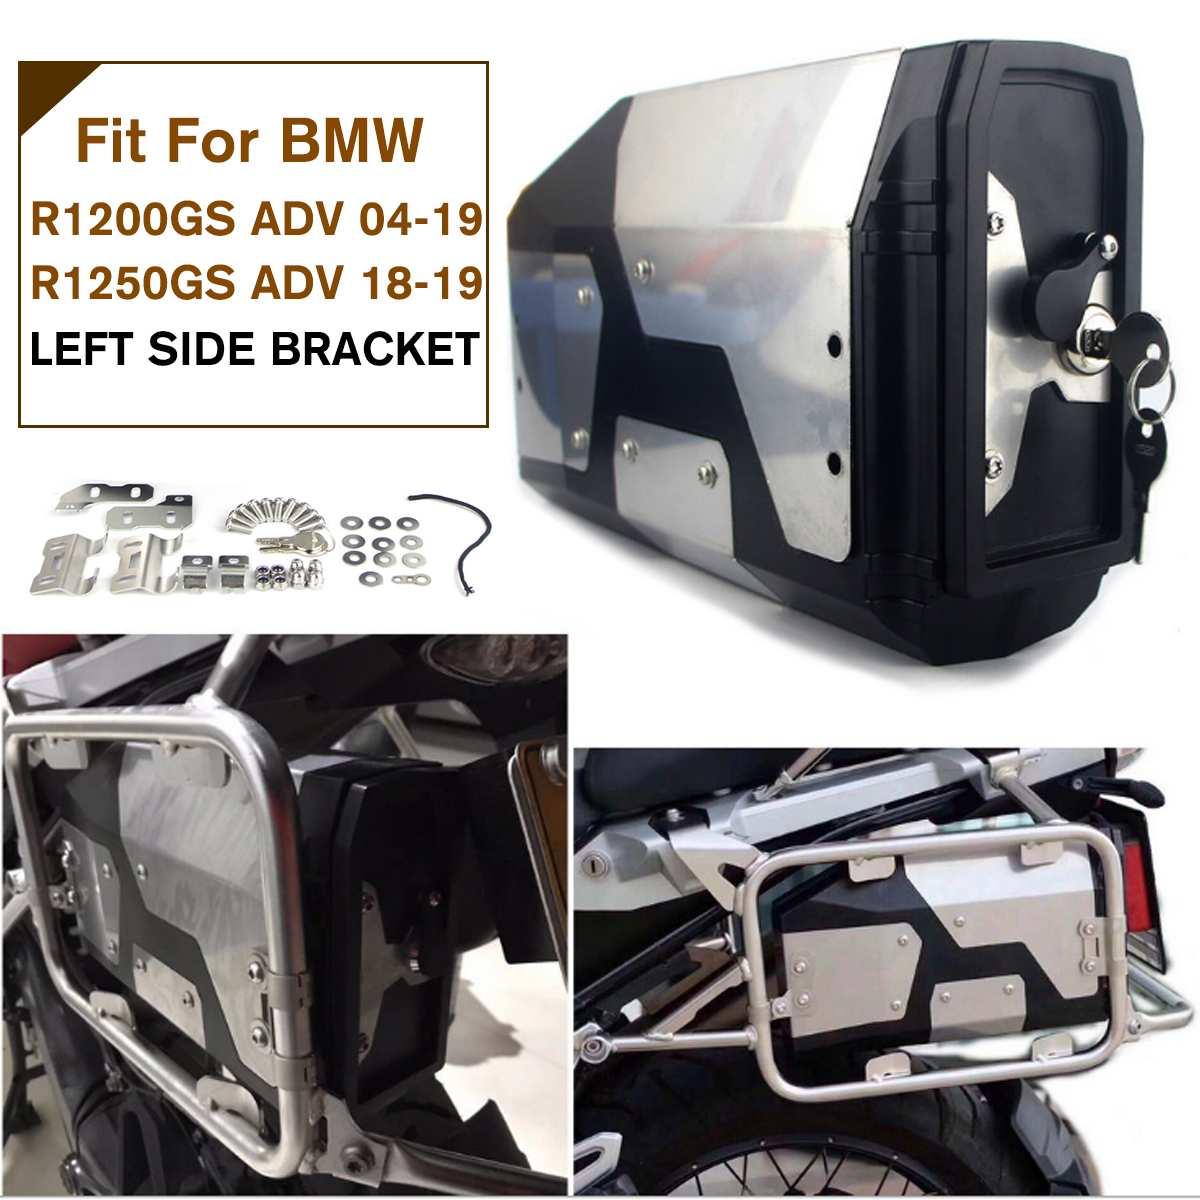 Boîte à outils de moto boîte en acier inoxydable 4.2L pour BMW R1200GS LC aventure support latéral gauche 2004-2018 boîte en acier inoxydable